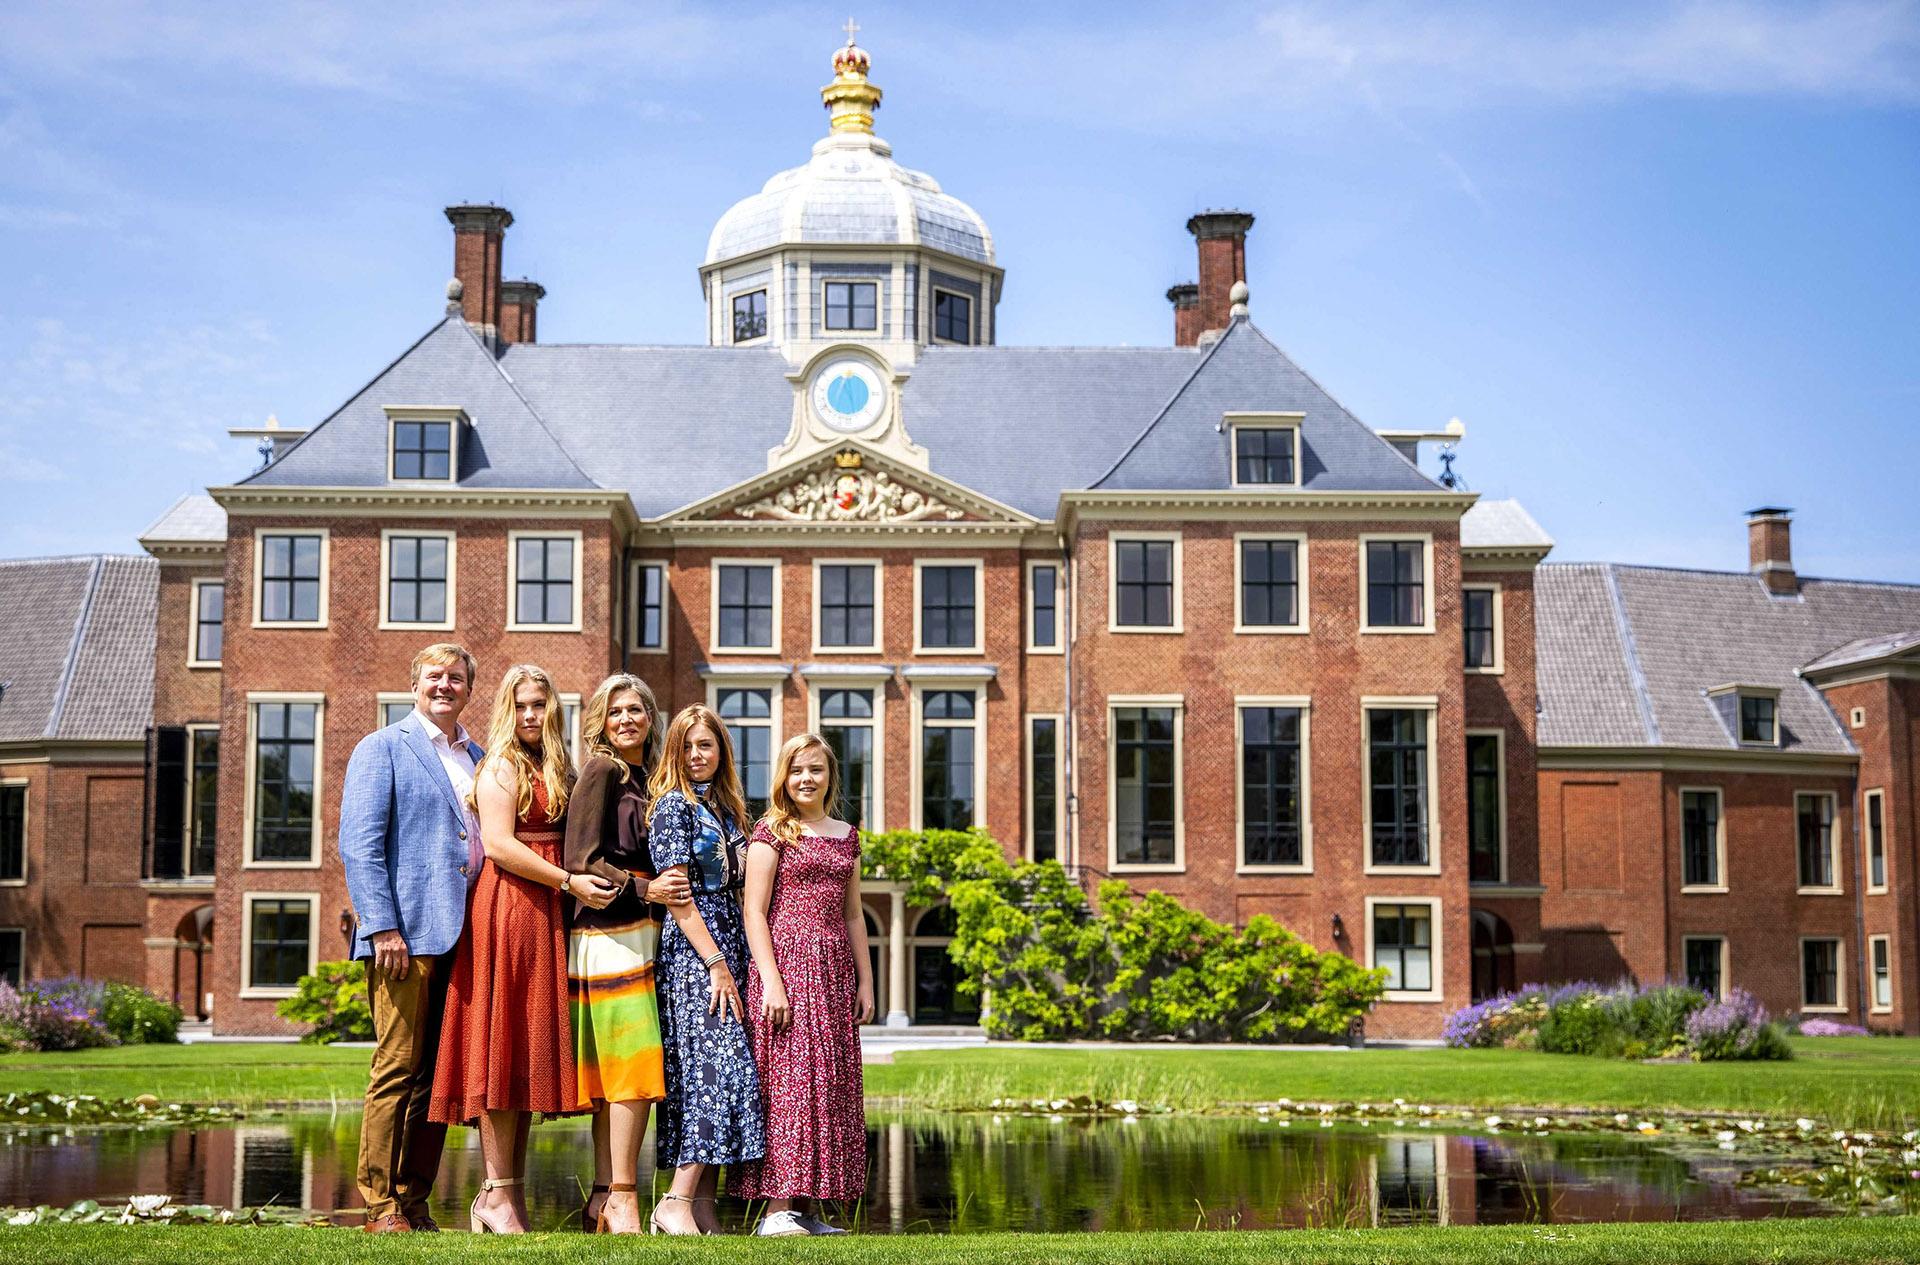 La famila real holandesa completa frente a la imponente fachada del PalacioHuis Ten Bosch, lugar que se mudaron en enero